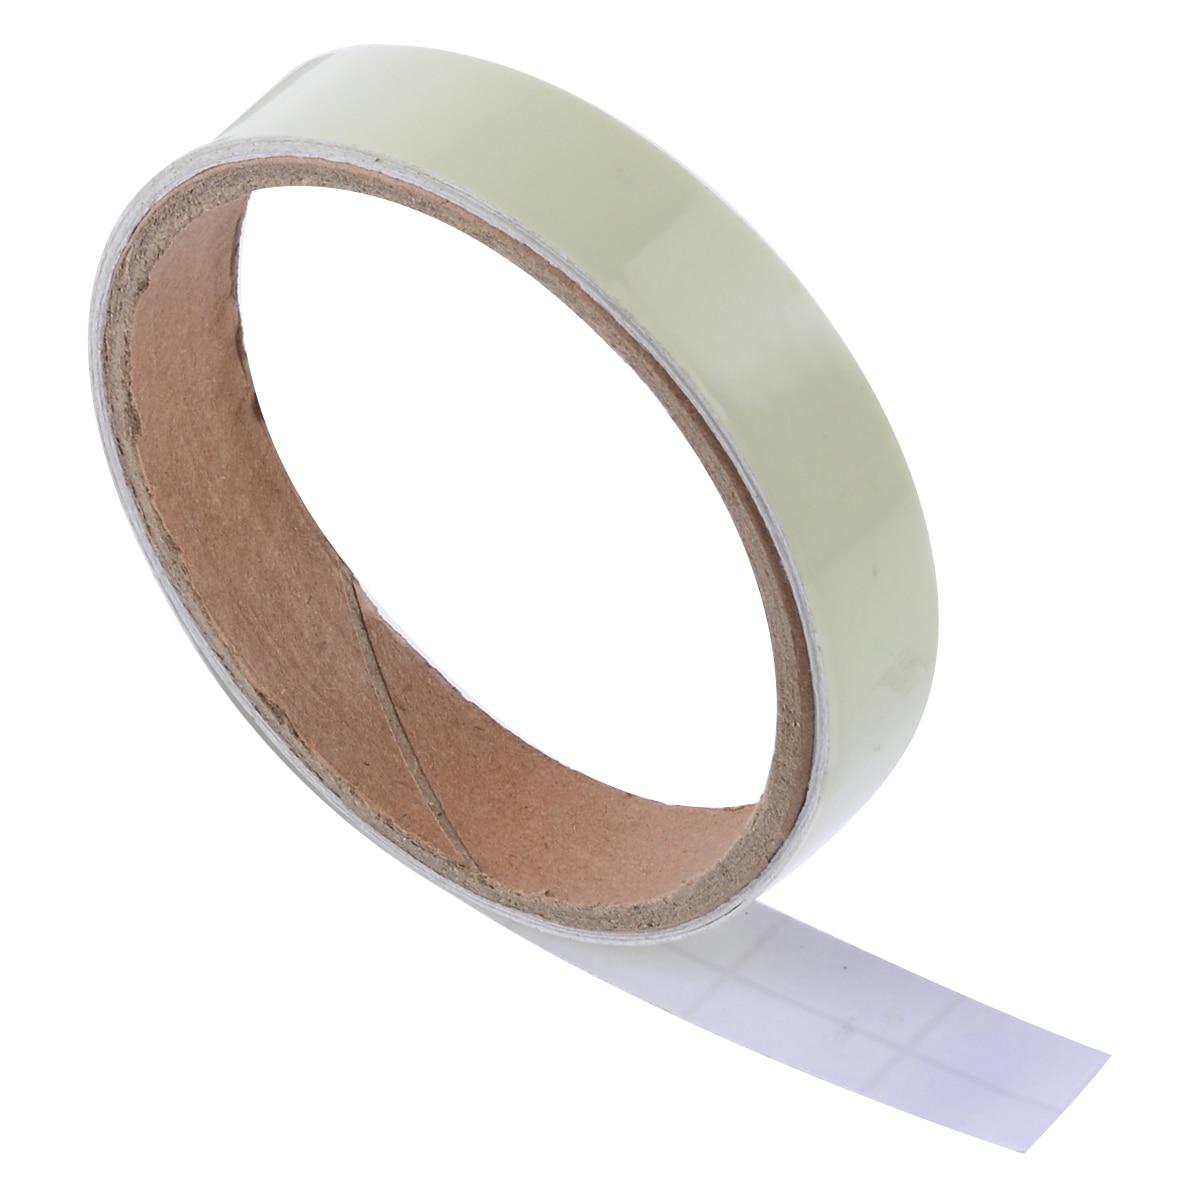 1 Pc 1,5 Cm * 1 M Leucht Band Self-adhesive Warnung Nacht Vision Glow In Dark Sicherheit Glowing Dark Markante Warnband